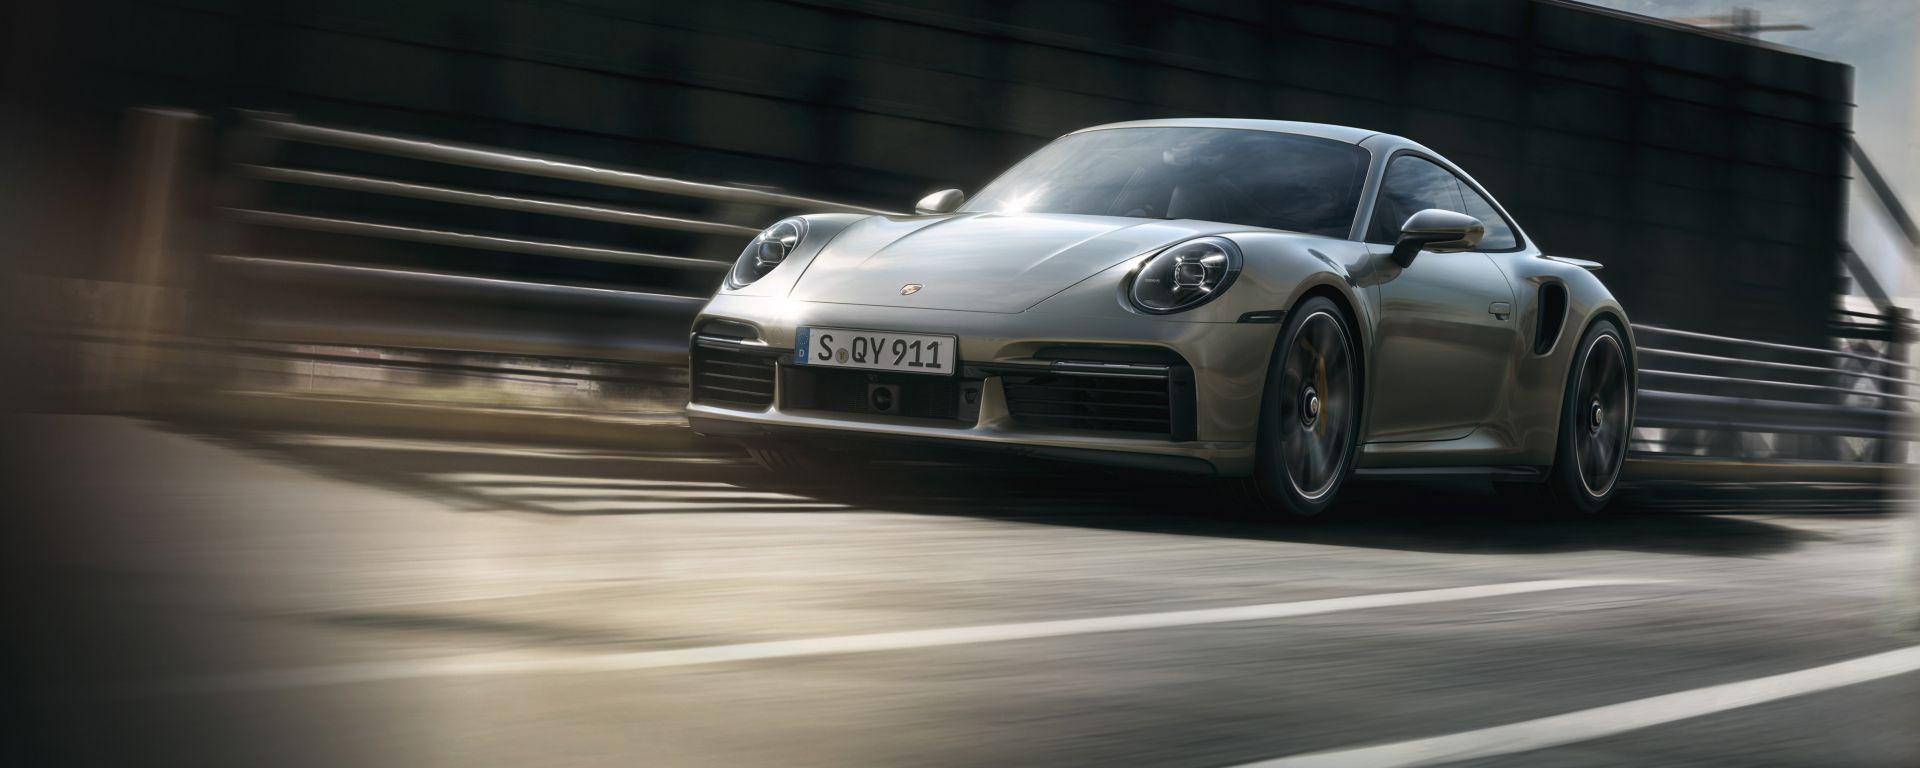 Porsche 911 Turbo S 2020, vista 3/4 anteriore